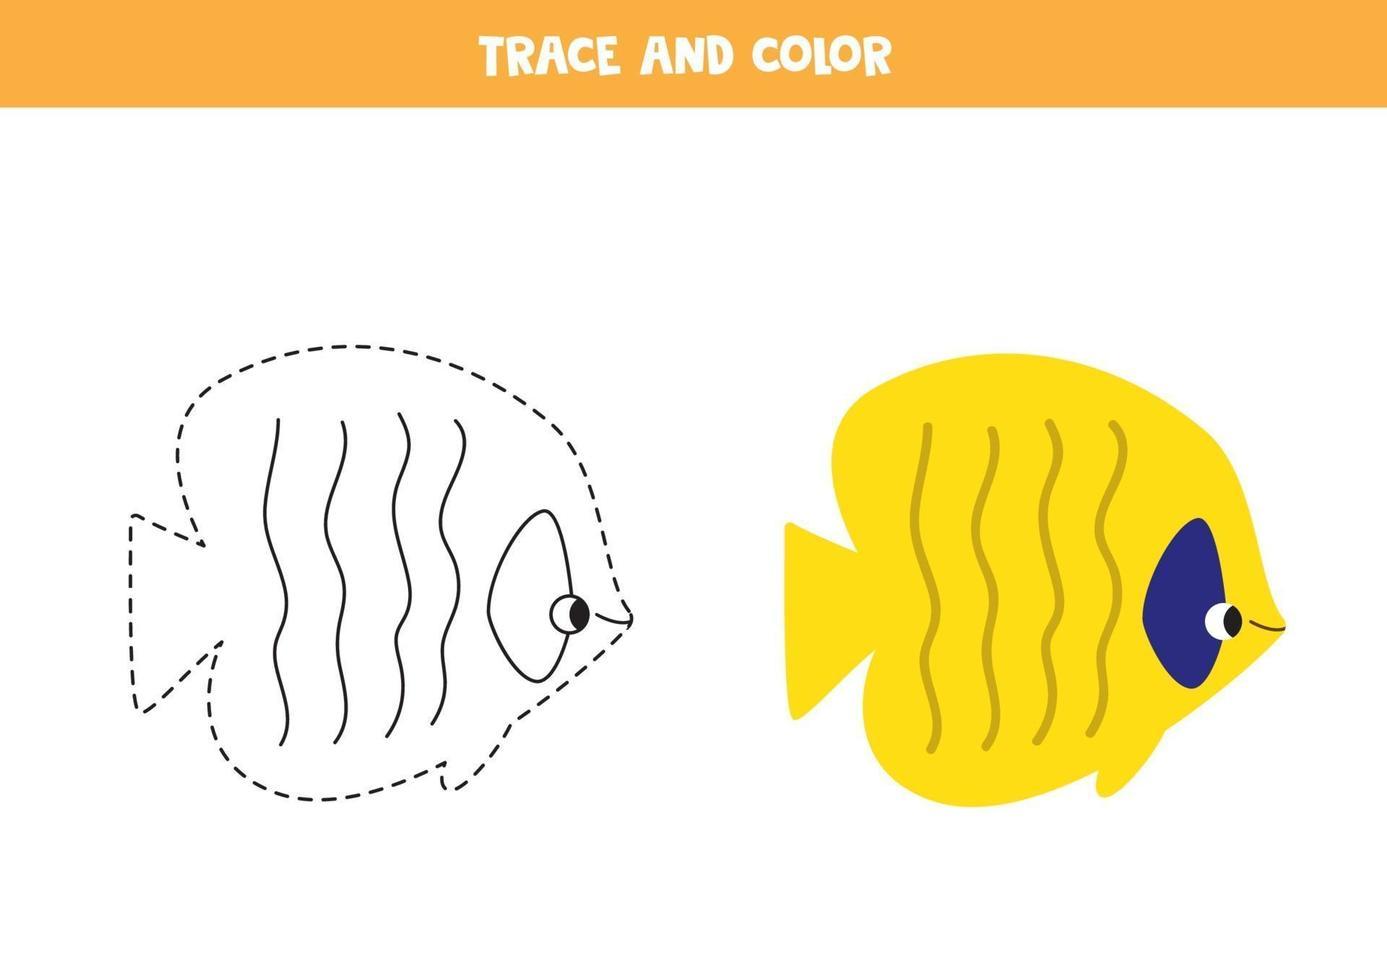 spåra och färga söta havsfiskar. kalkylblad för barn. vektor